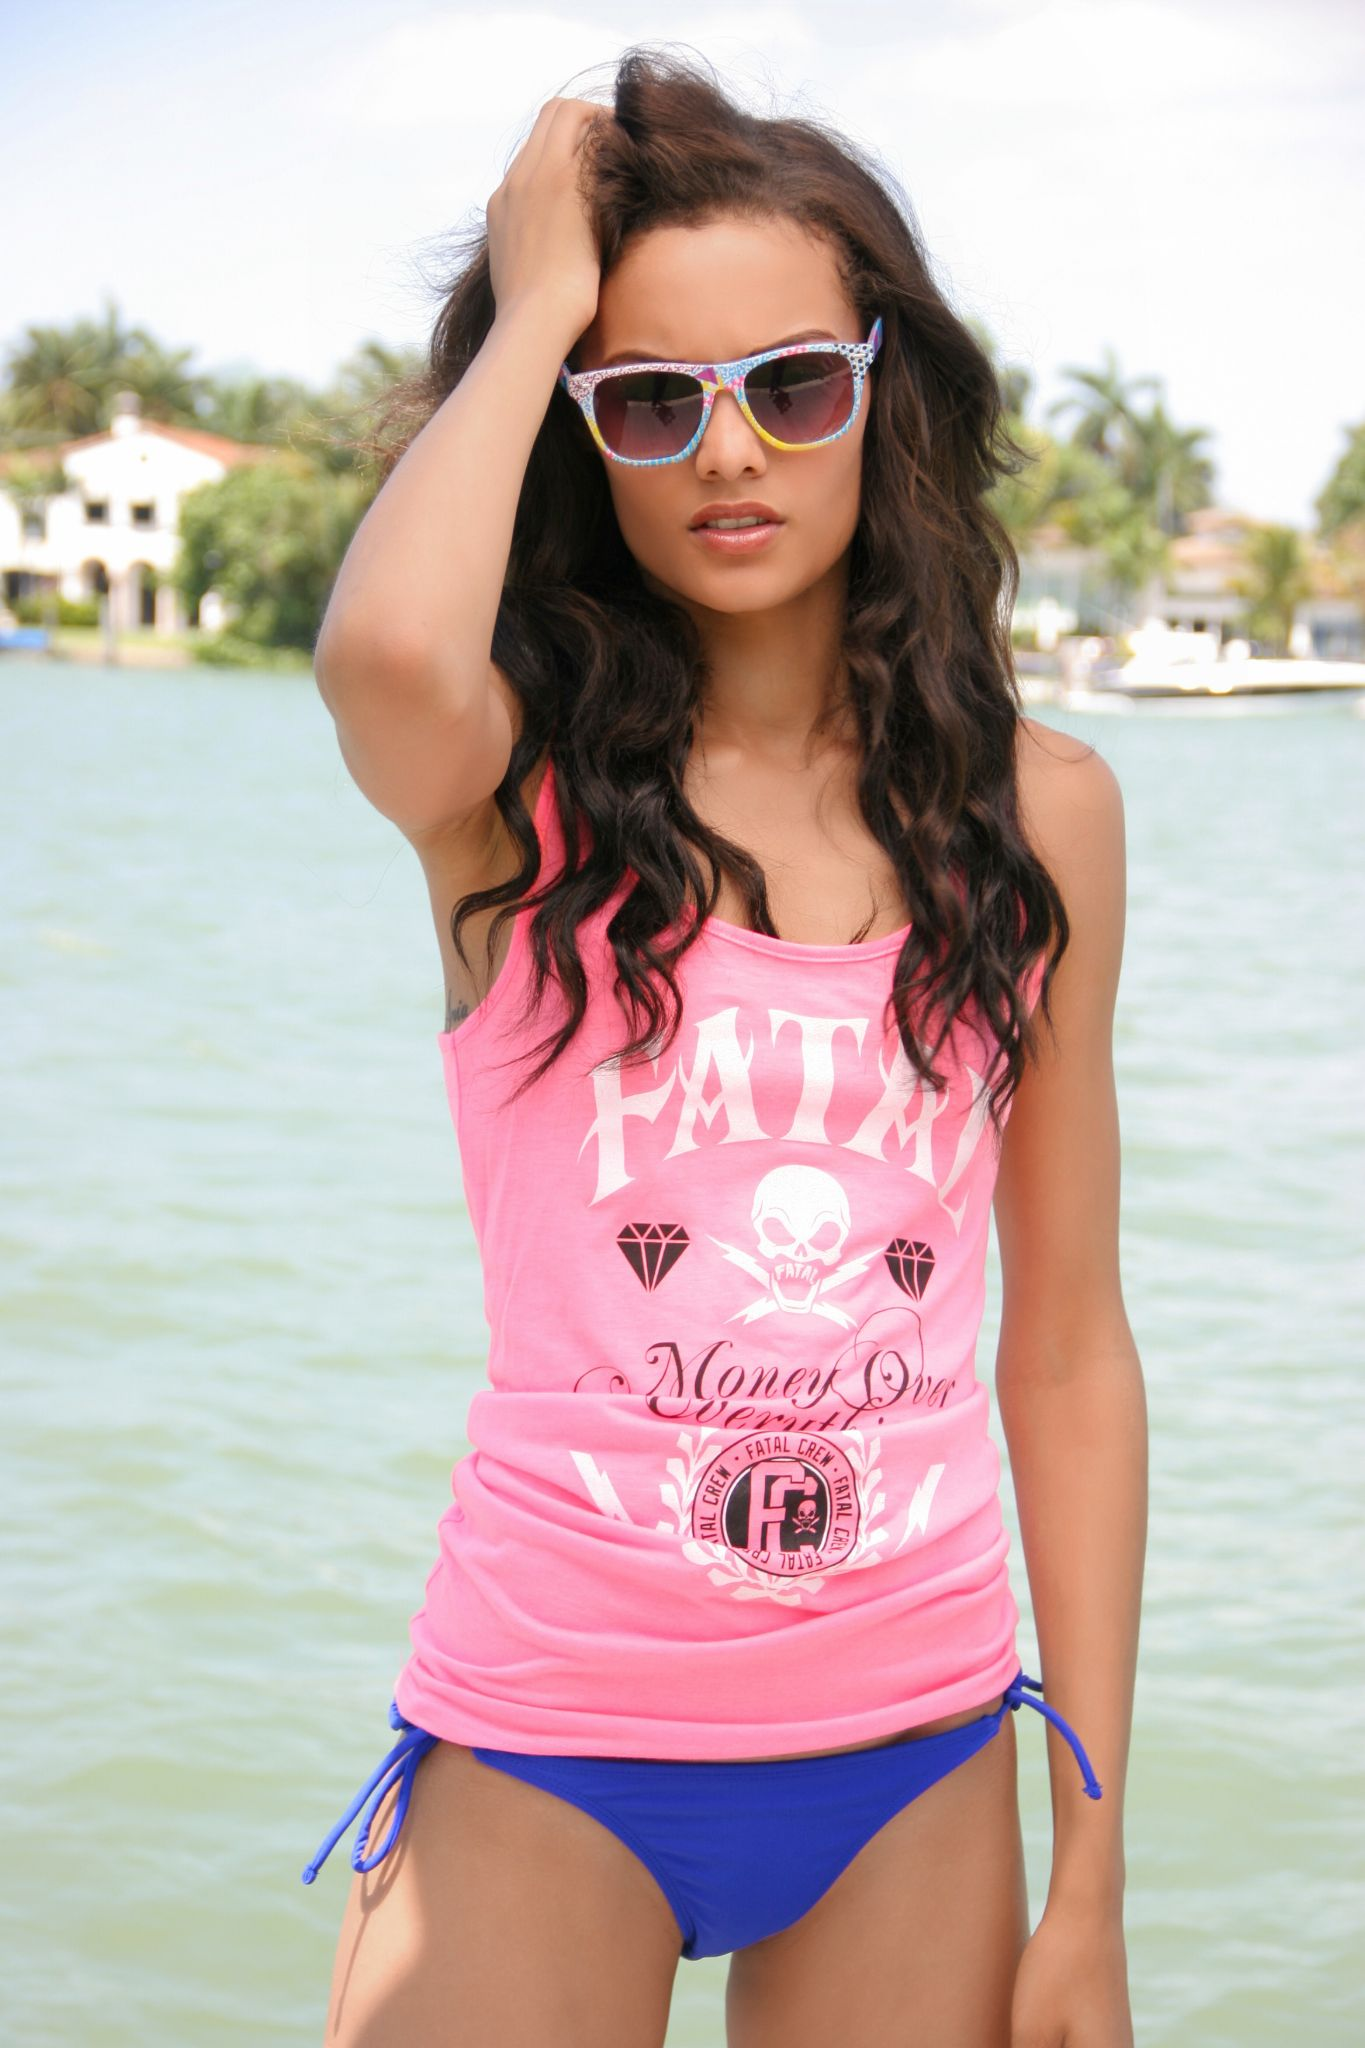 Miami Fashion Photographer James Santiago by Miami Fashion Photographer James Santiago